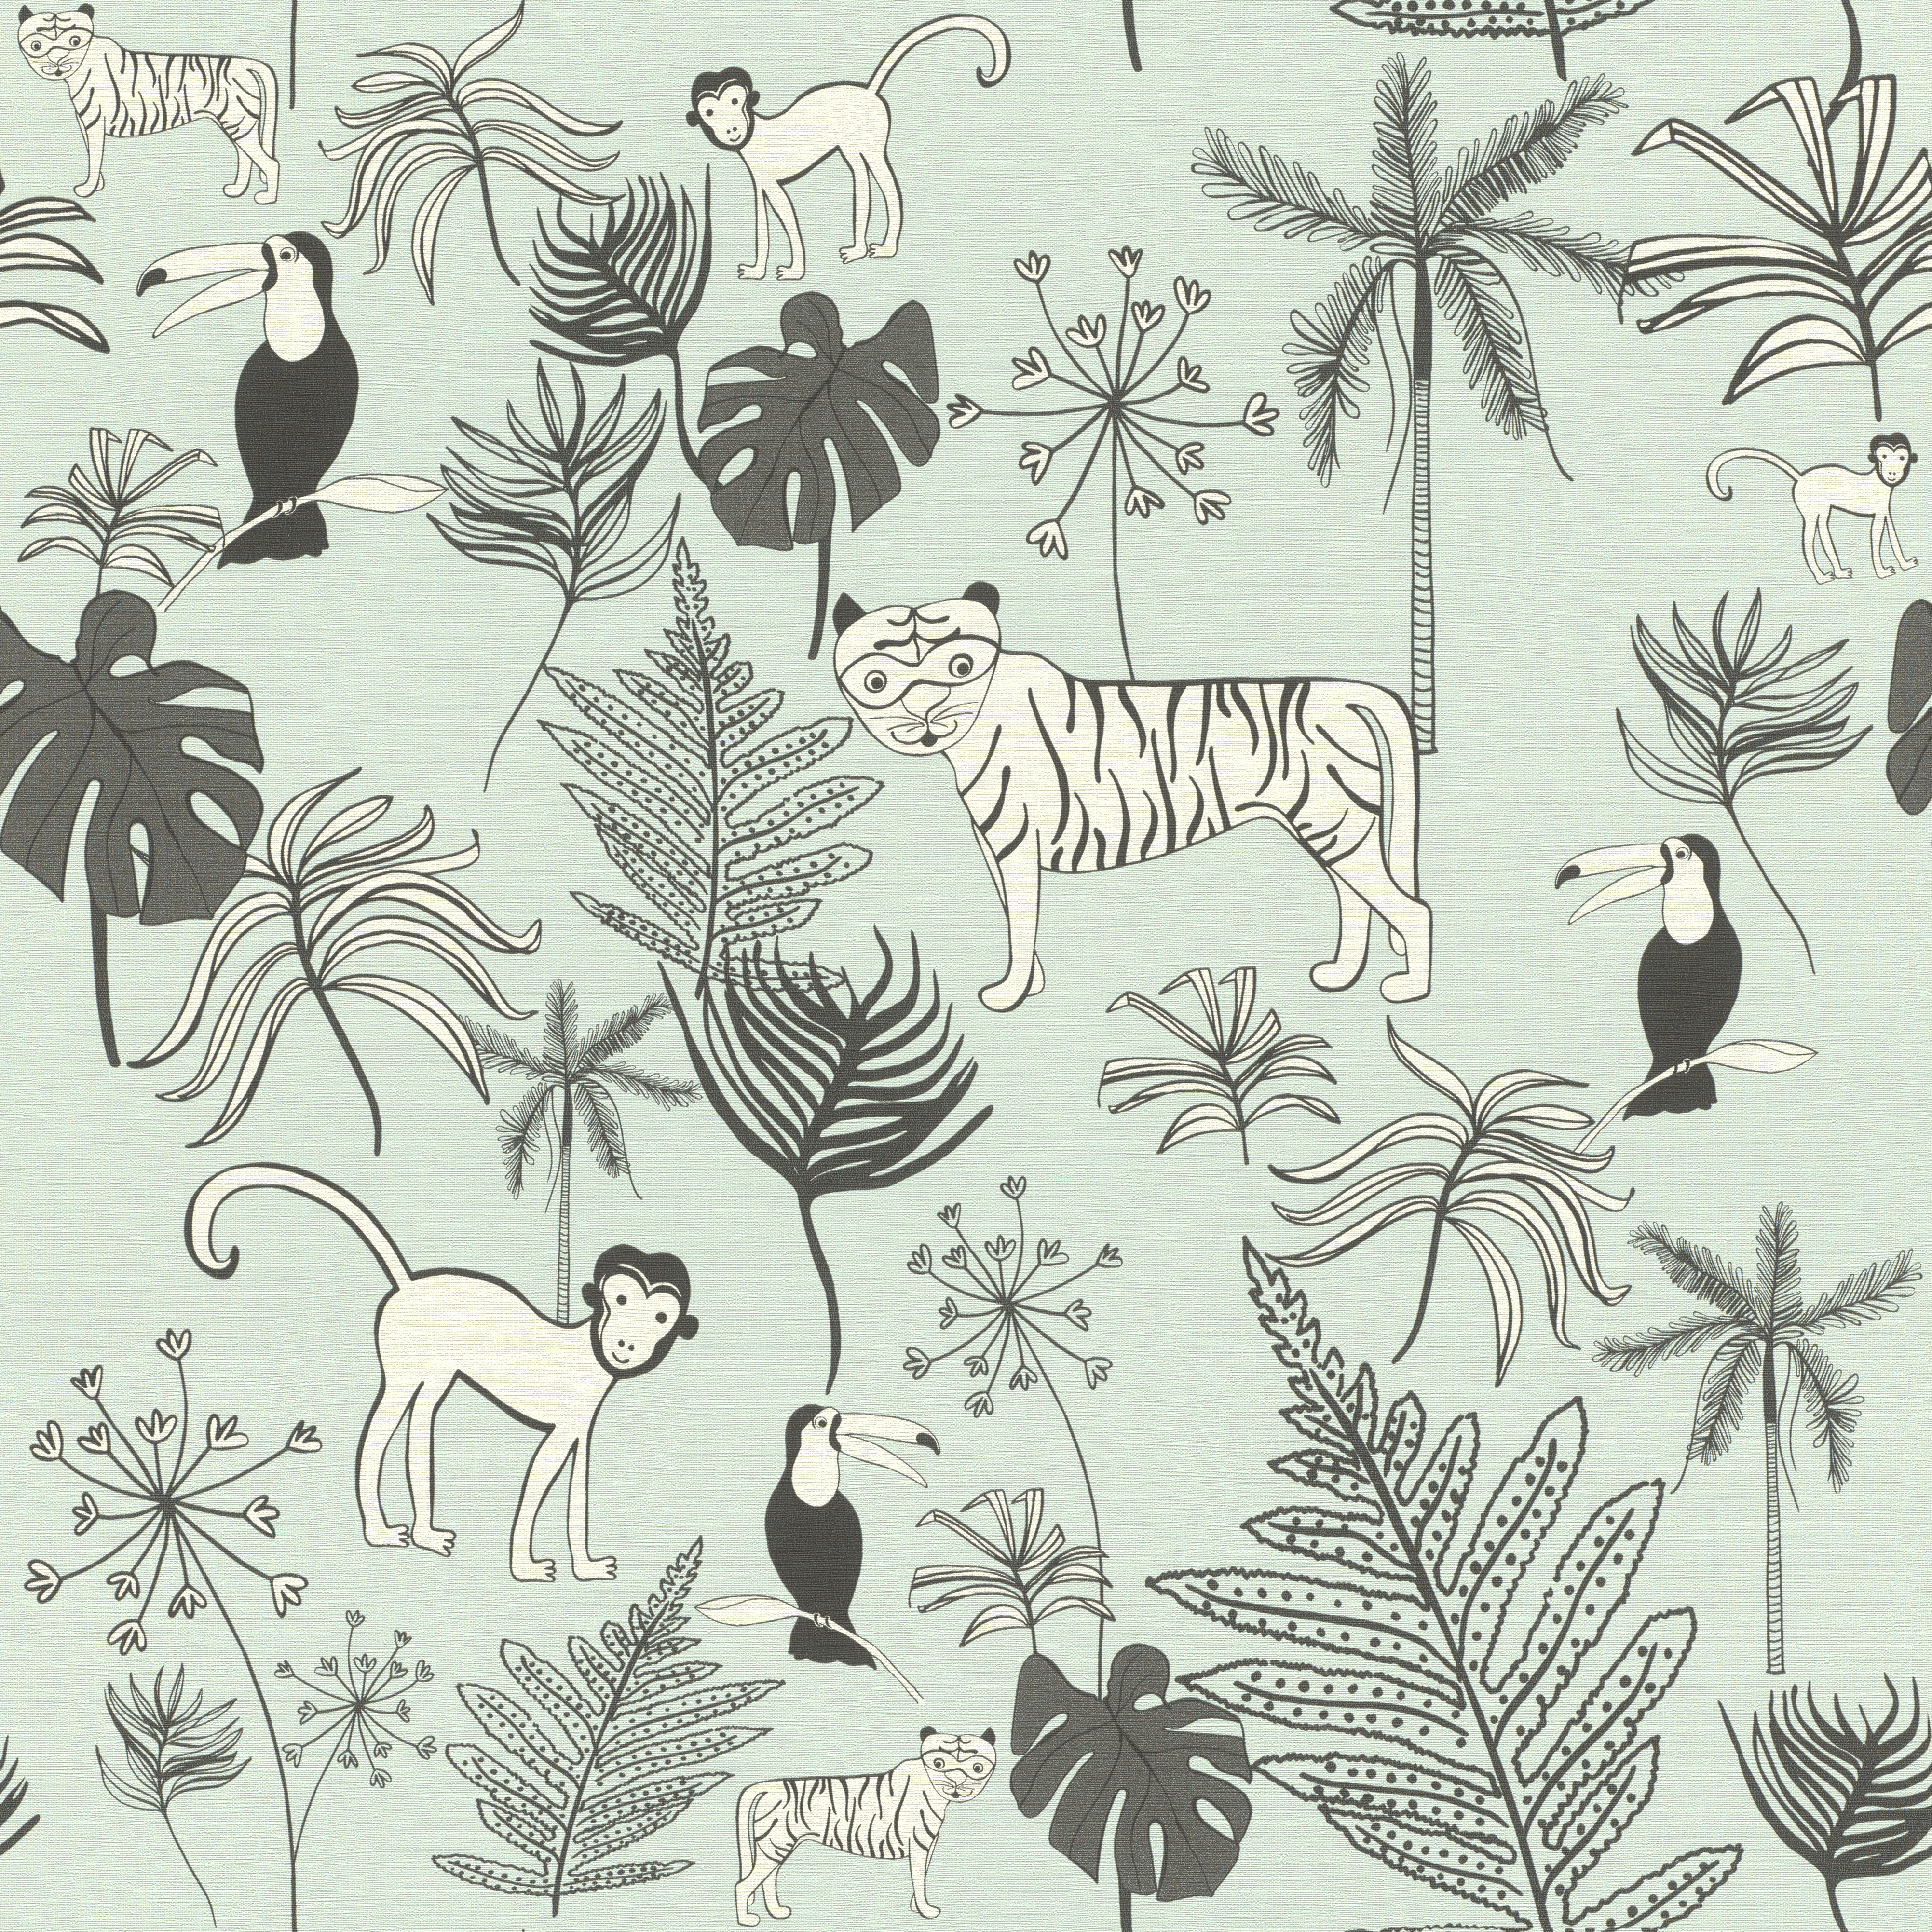 Kékes dzsungel mintás gyerek tapéta